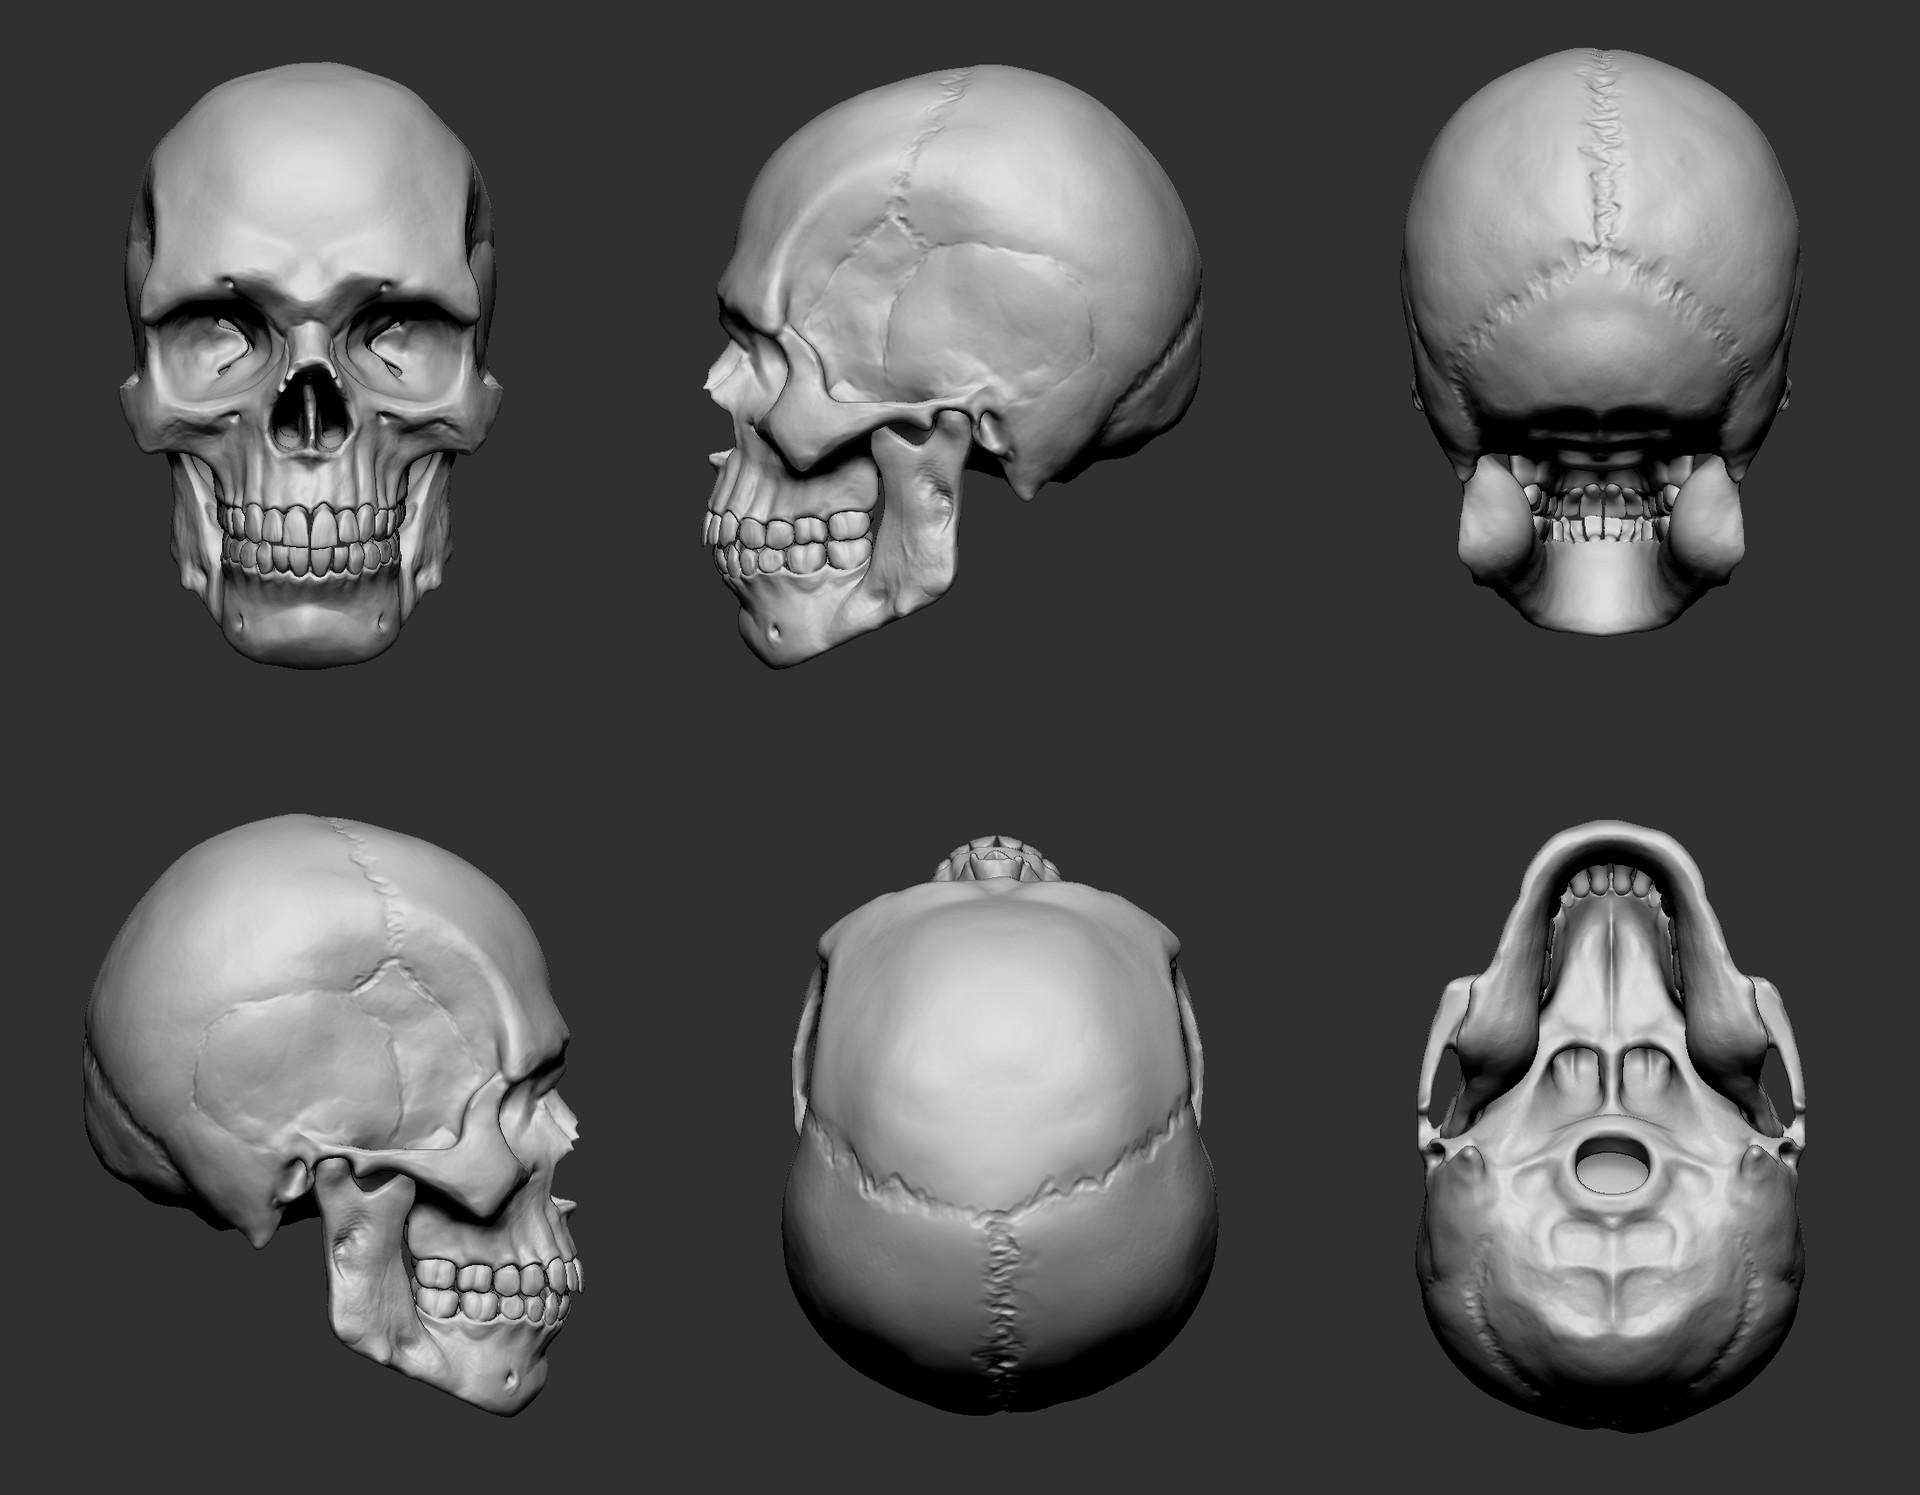 Marcelo prado craniorstrip